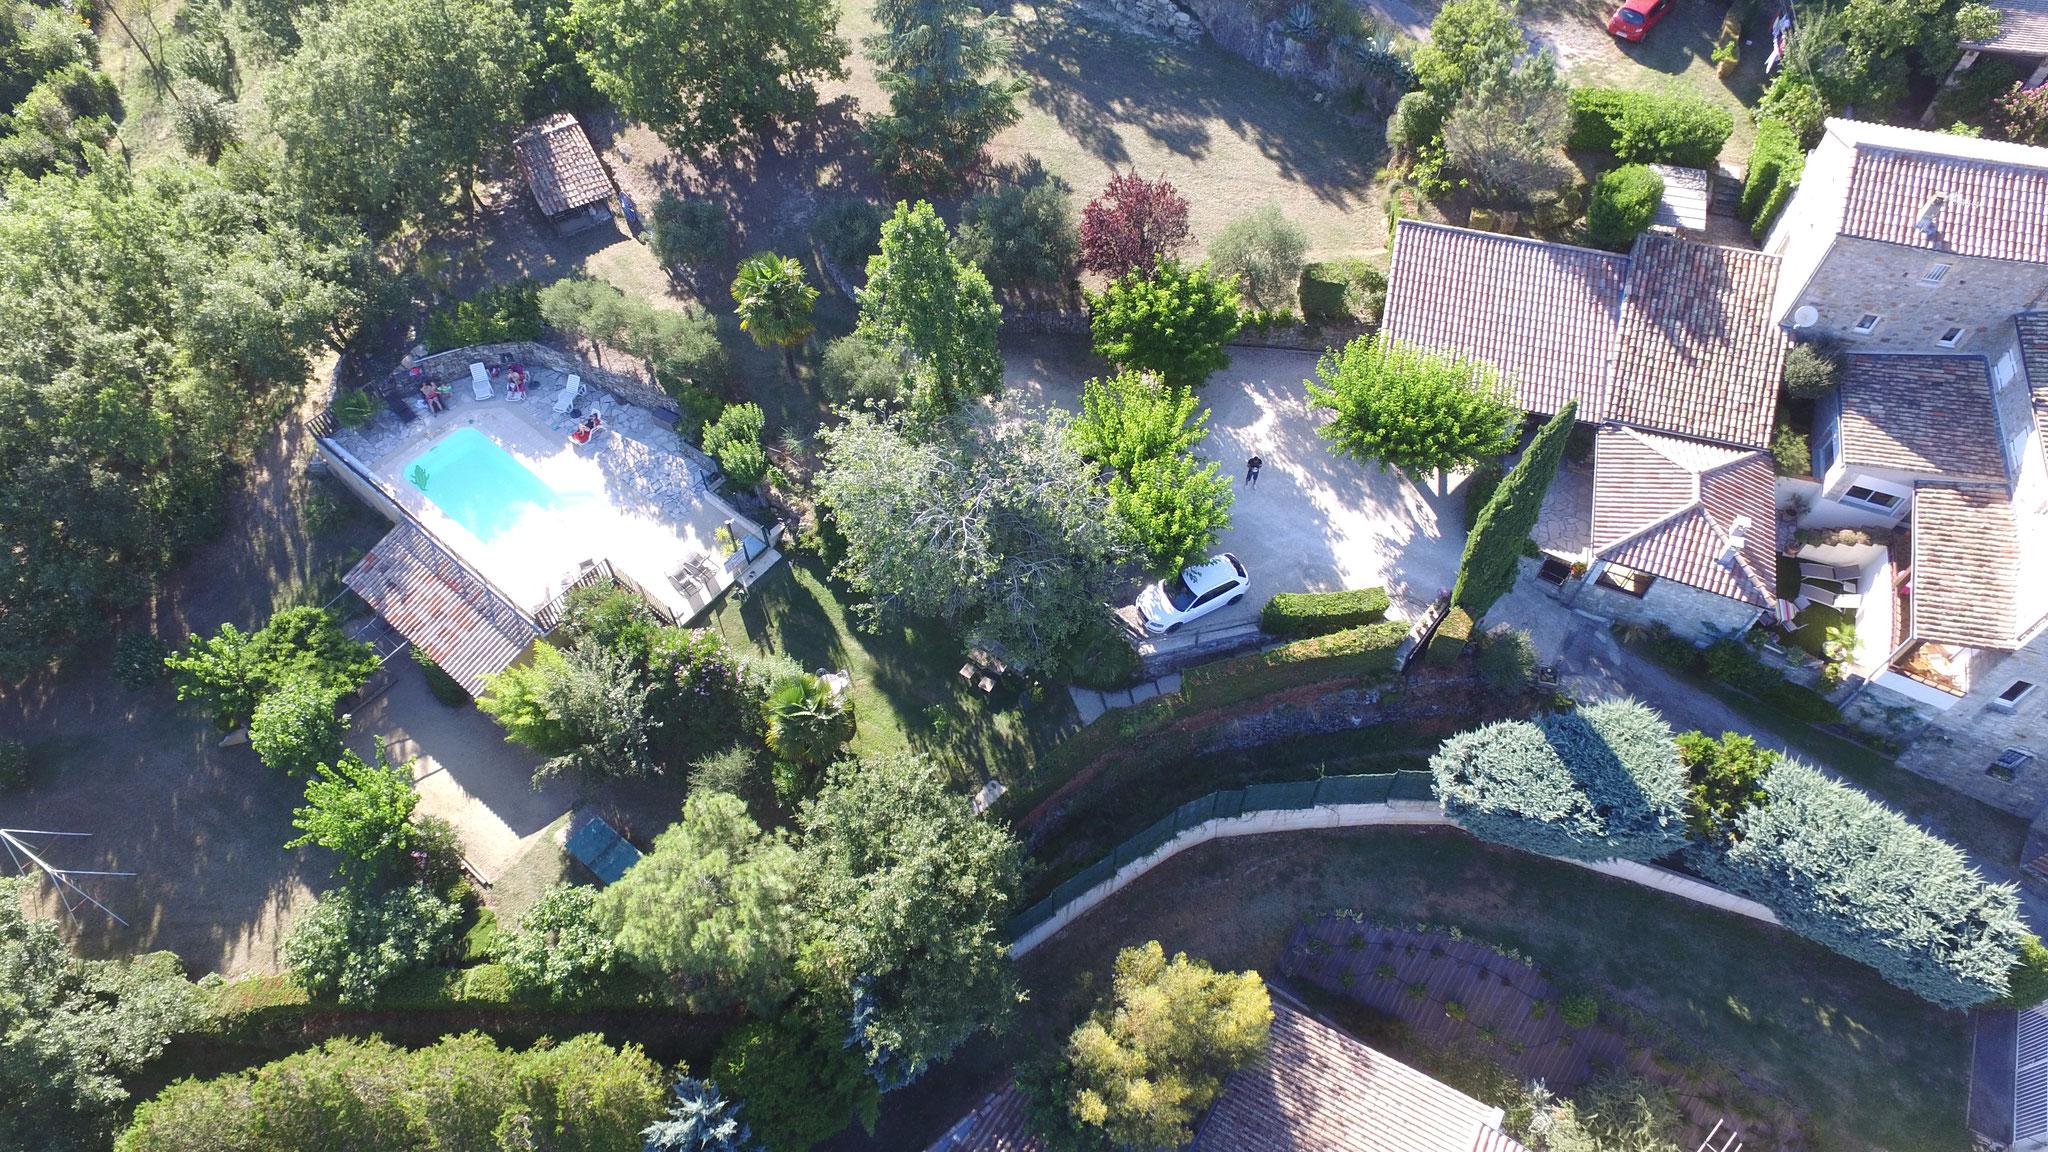 Vue du domaine avec piscine - Lamourié - Aubenas - Ardèche